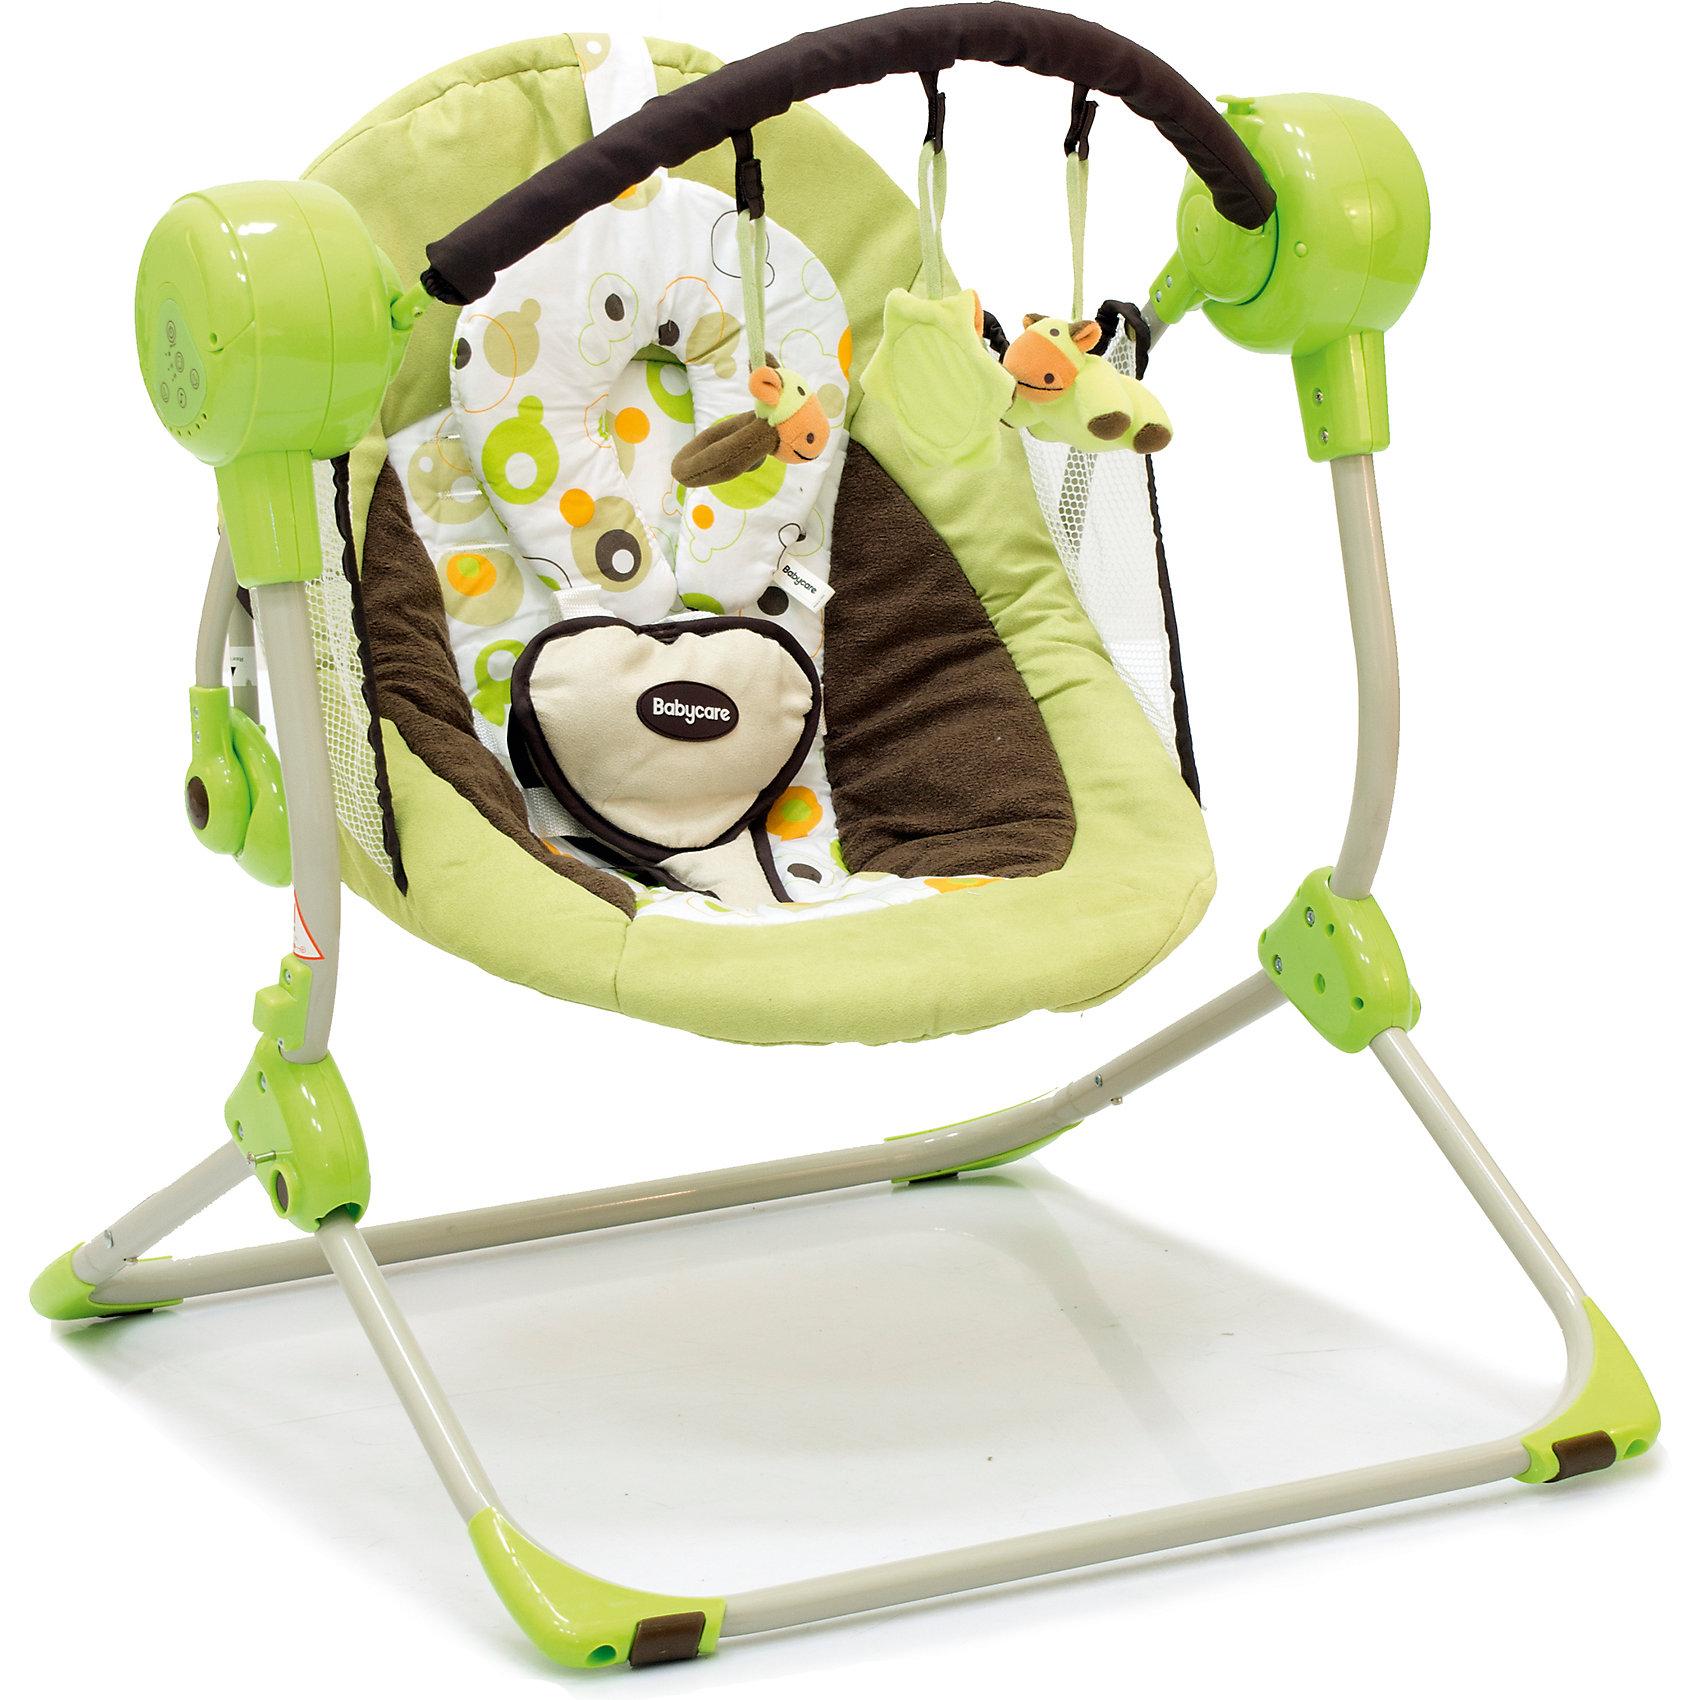 Кресло-качели Balancelle, Baby Care, зеленыйBaby Care Balancelle (Беби Кэа Балансель) - непревзойденная новинка для активных родителей! Эти мобильные качели очень легко всюду брать с собой: они очень компактно складываются одним движением и могут работать как от сети, так и от батареек. В них малыш с удовольствием будет проводить время, наблюдая за происходящим и слушая чудесные мелодии. Эти качели продуманы до мелочей, чтобы малыш с пользой проводил время или спал пока мама отдыхает или занята делами. Вы можете скорость качания, которая идеально подойдет Вашему малышу для засыпания или развлечения. А когда малыш уснет, качели можно остановить, разложить спинку и они превратятся в удобнейшую колыбельку. Мягкое удобное сиденье и безопасные вставки из сетки по краям позволят малышу комфортно и безопасно расположиться в кресле. Развлечь бодрствующего кроху можно с помощью прекрасных звуков и  съемных игрушек, подвешенных на дуге!  <br> <br>Дополнительная информация:<br><br>- Устойчивый металлический каркас;<br>- Качели предназначены для малышей весом до 12 кг;<br>- 2 положения спинки;<br>- Электронные качели с регулируемой громкостью звука: 16 мелодий;<br>- Пять скоростей качания и автоматическое отключение (10,15,30 мин);<br>- Легко складываются одной рукой;<br>- Защитная сетка по краям;<br>- В сложенном состоянии не занимают много места;<br>- Дуга с игрушками;<br>- Нескользящие обрезиненные ножки;<br>- Надежные пятиточечные ремни безопасности с мягкими накладками;<br>- Съемную обивку можно стирать при 30 градусах;<br>- Могут работать от сети и на батарейках;<br>- Цвет: зеленый;<br>- Размер в разложенном виде: 50 х 61 х 60 см;<br>- Размер сидения: 48 х 68 см;<br>- Вес: 3,2 кг<br><br>Кресло-качели Balancelle, Baby Care ( Балансель, Беби Кэа), зеленые можно купить в нашем интернет-магазине.<br><br>Ширина мм: 620<br>Глубина мм: 470<br>Высота мм: 370<br>Вес г: 10800<br>Возраст от месяцев: 0<br>Возраст до месяцев: 8<br>Пол: Унисекс<br>Возраст: Детский<br>SKU: 4028903